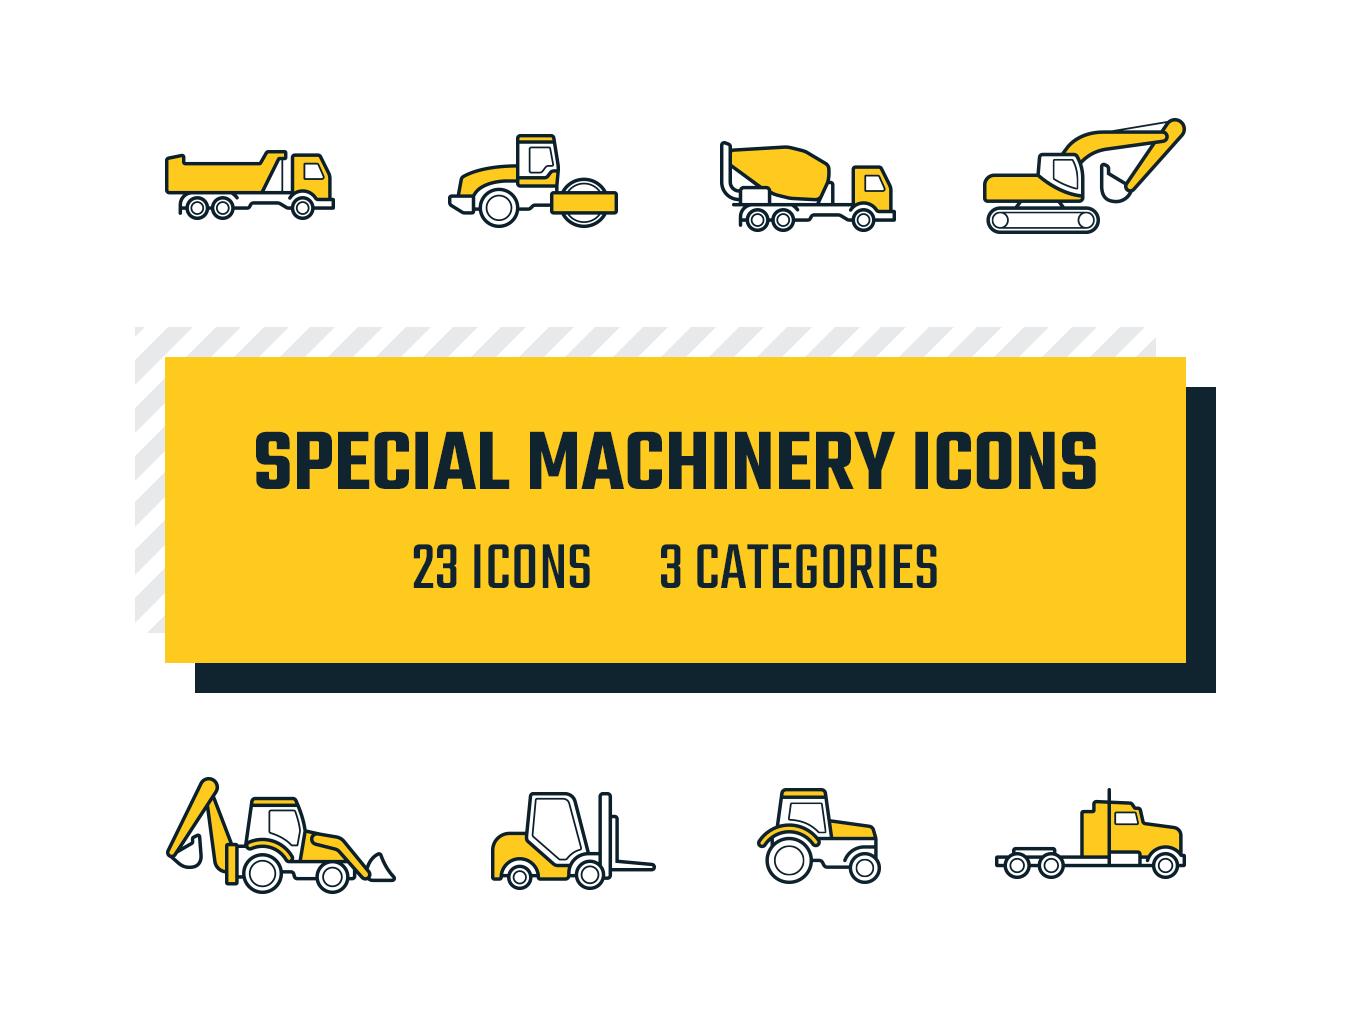 专用特种机械矢量图标集 Special Machinery Icons插图